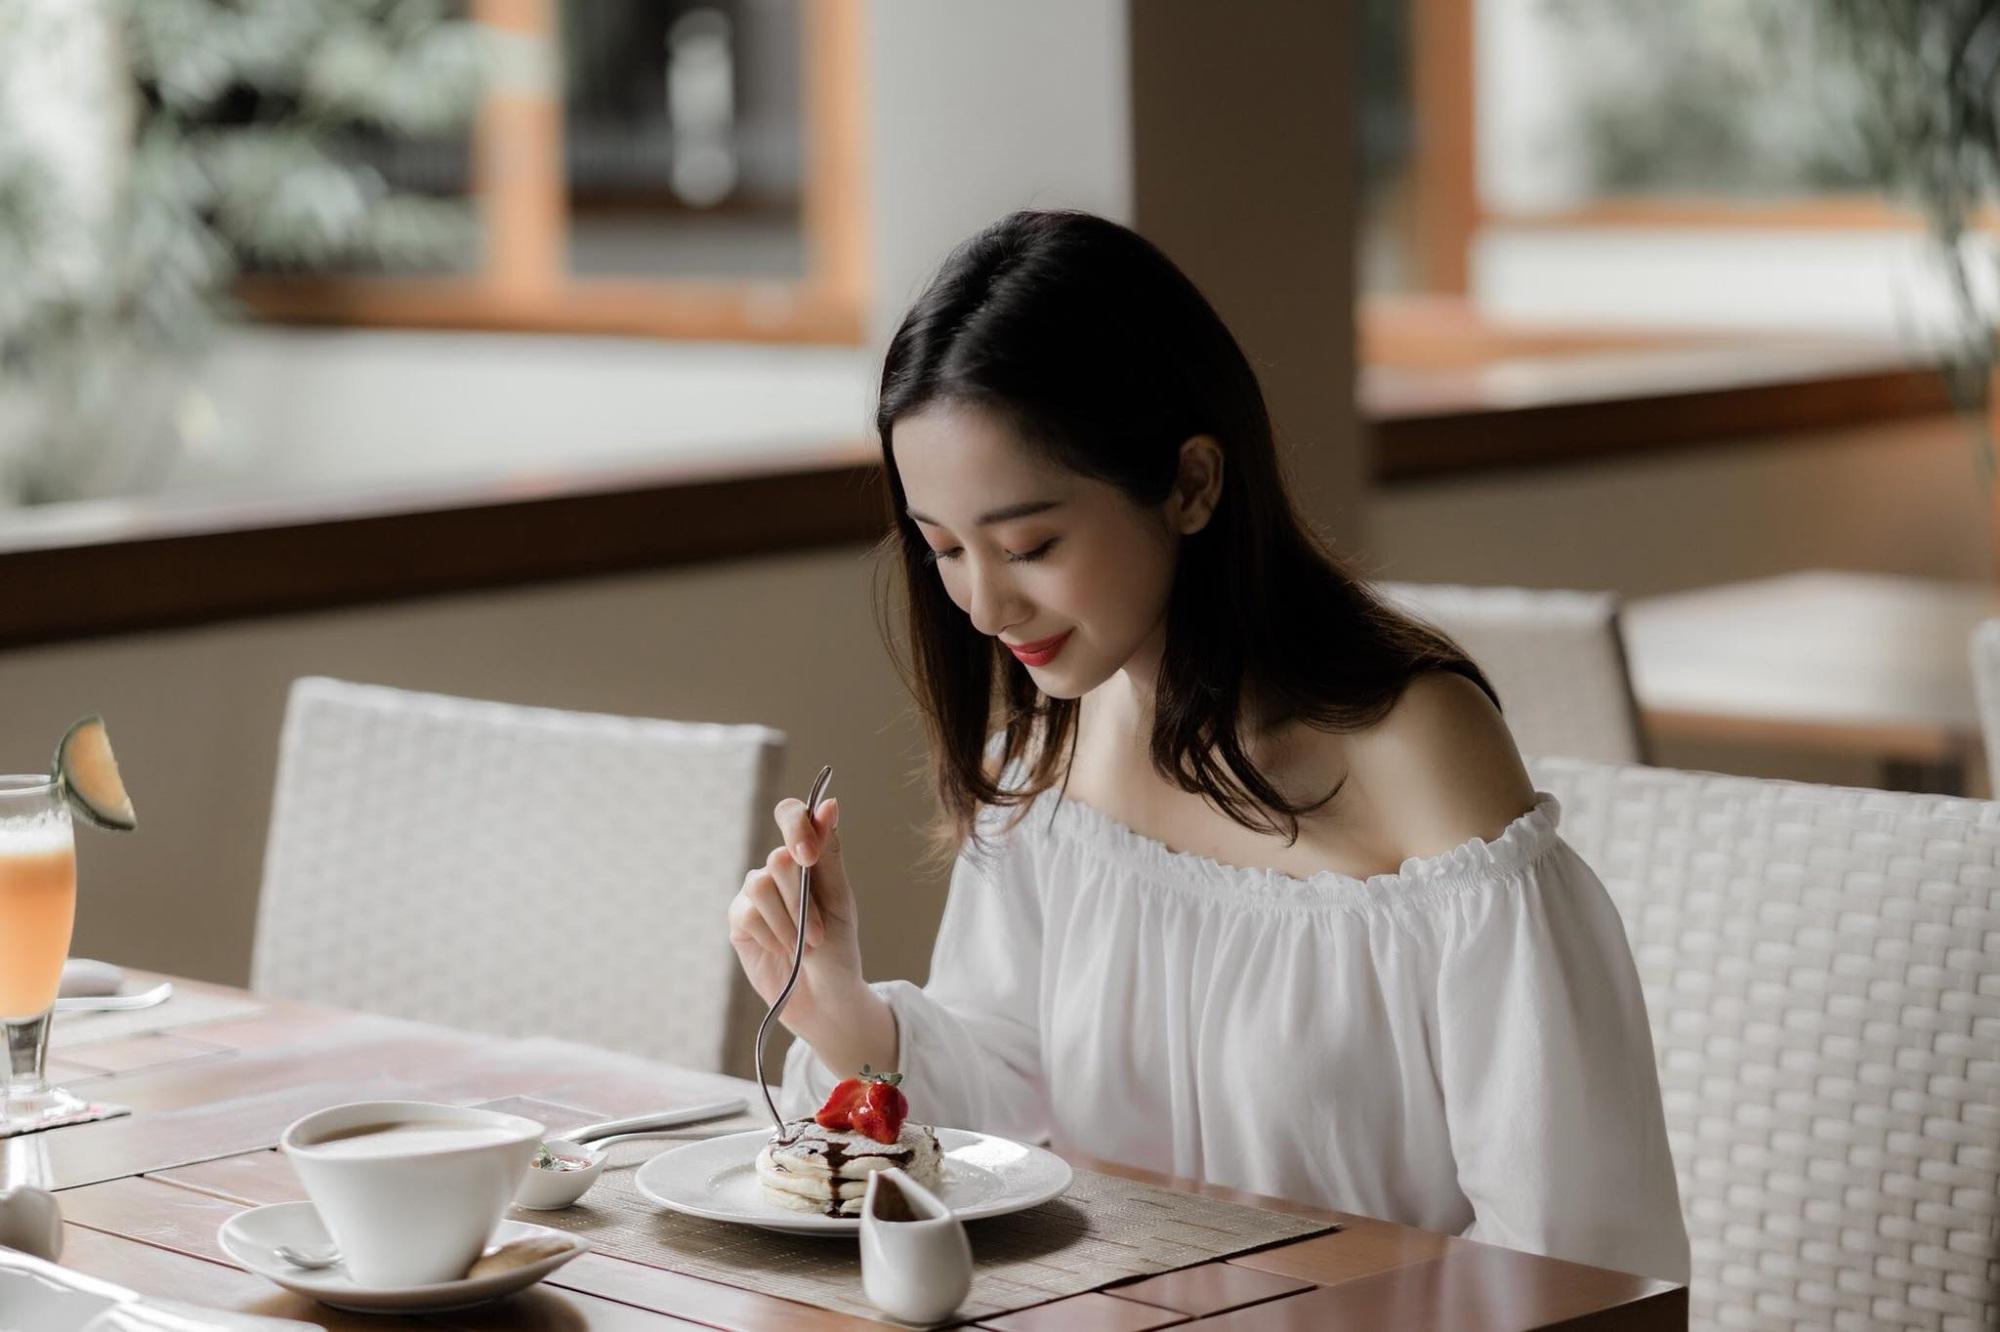 Jun Vũ khoe ngực đầy trong bộ ảnh 'đẹp miễn chê' ở Phú Quốc - Ảnh 8